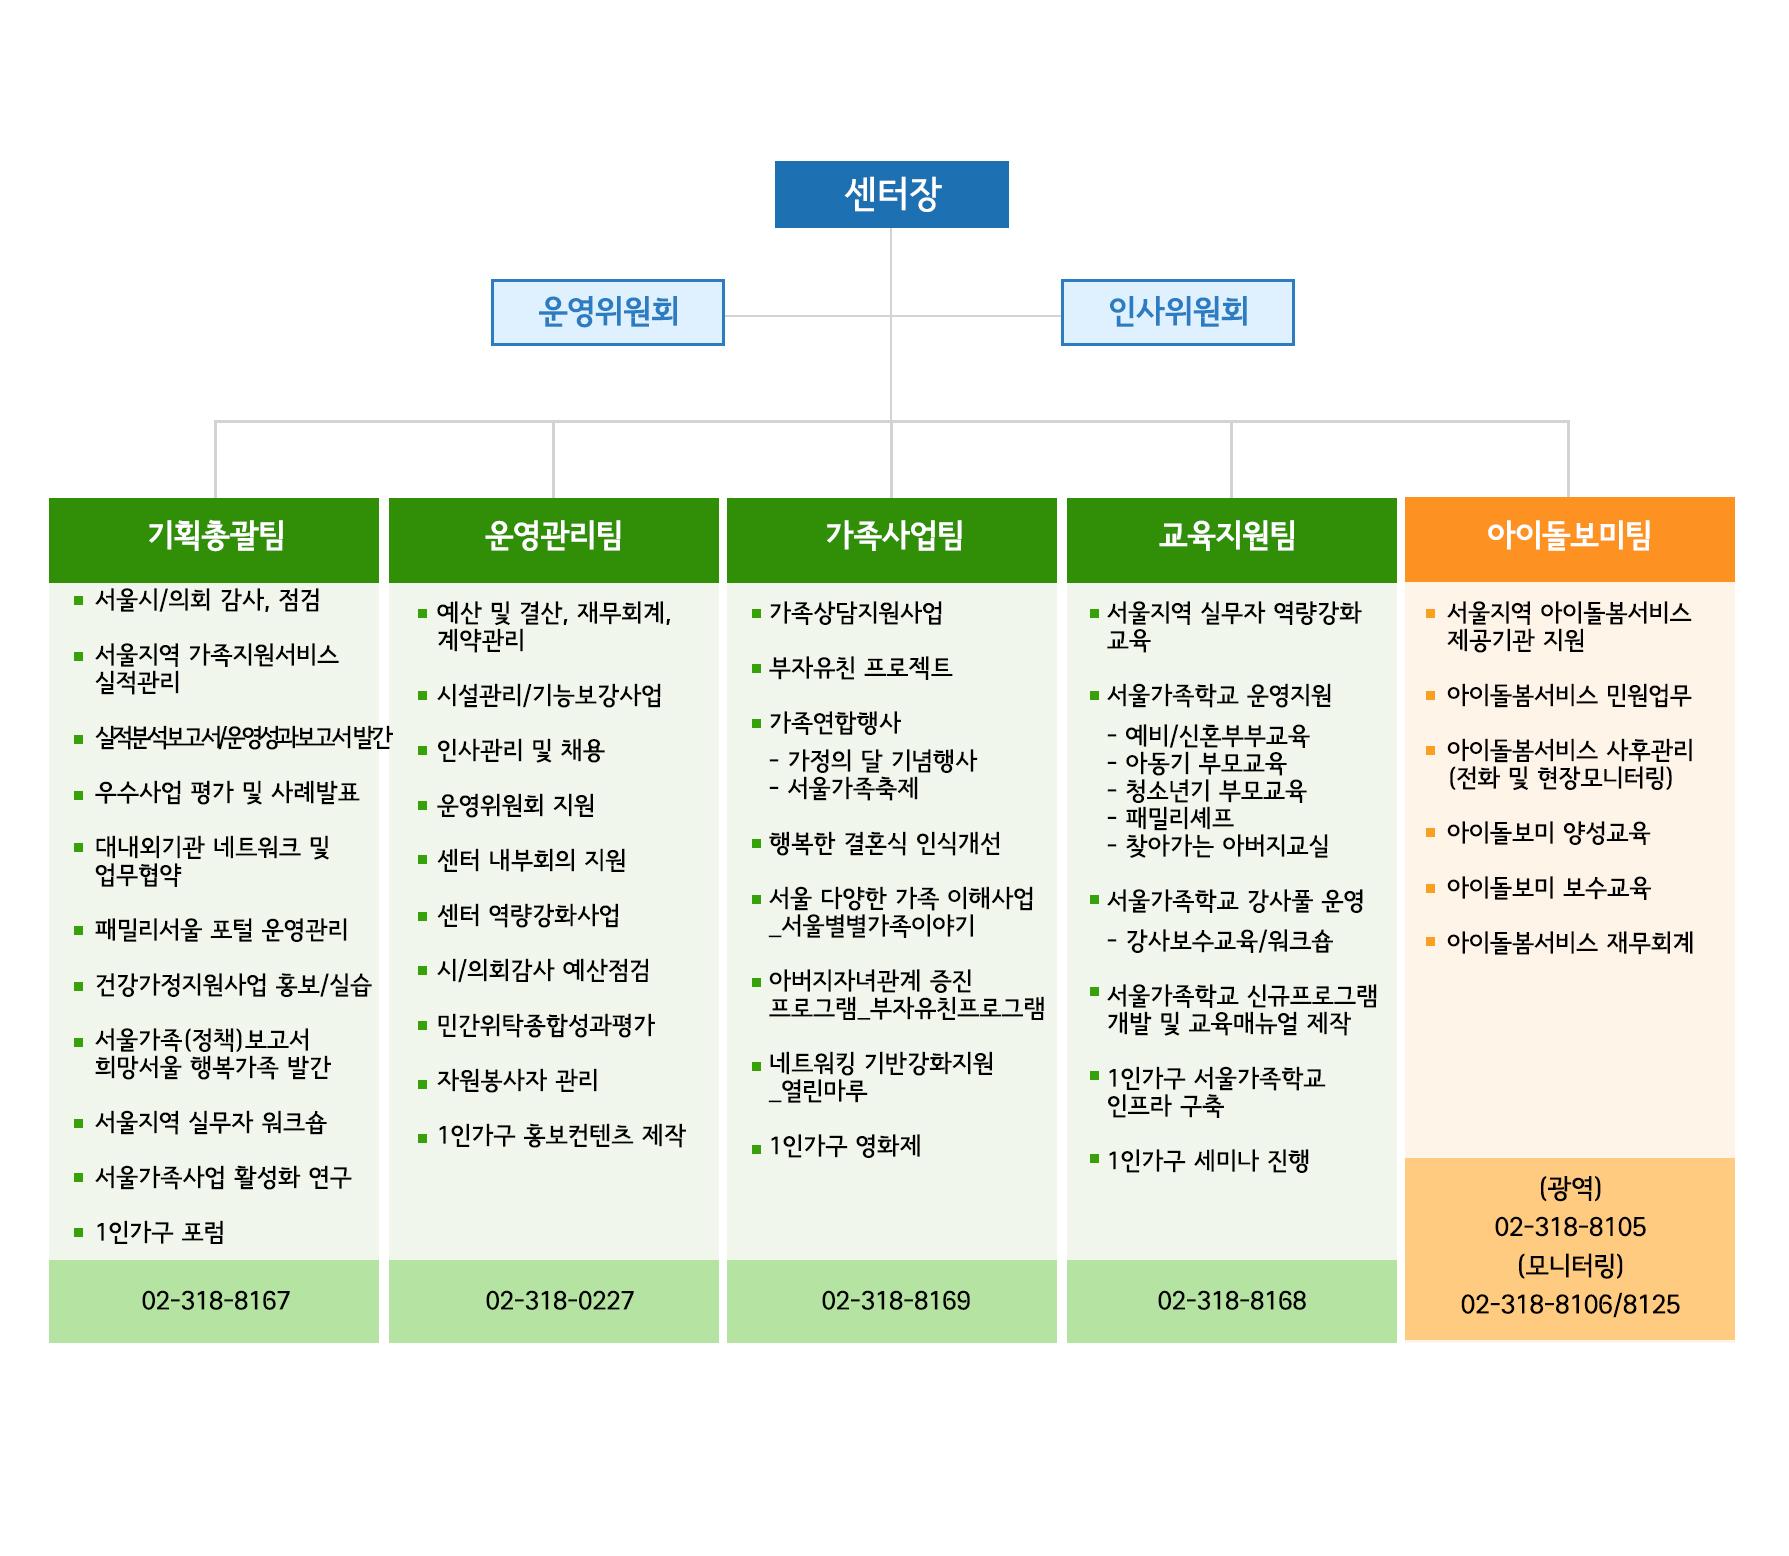 서울시 건강가정지원센터 조직도